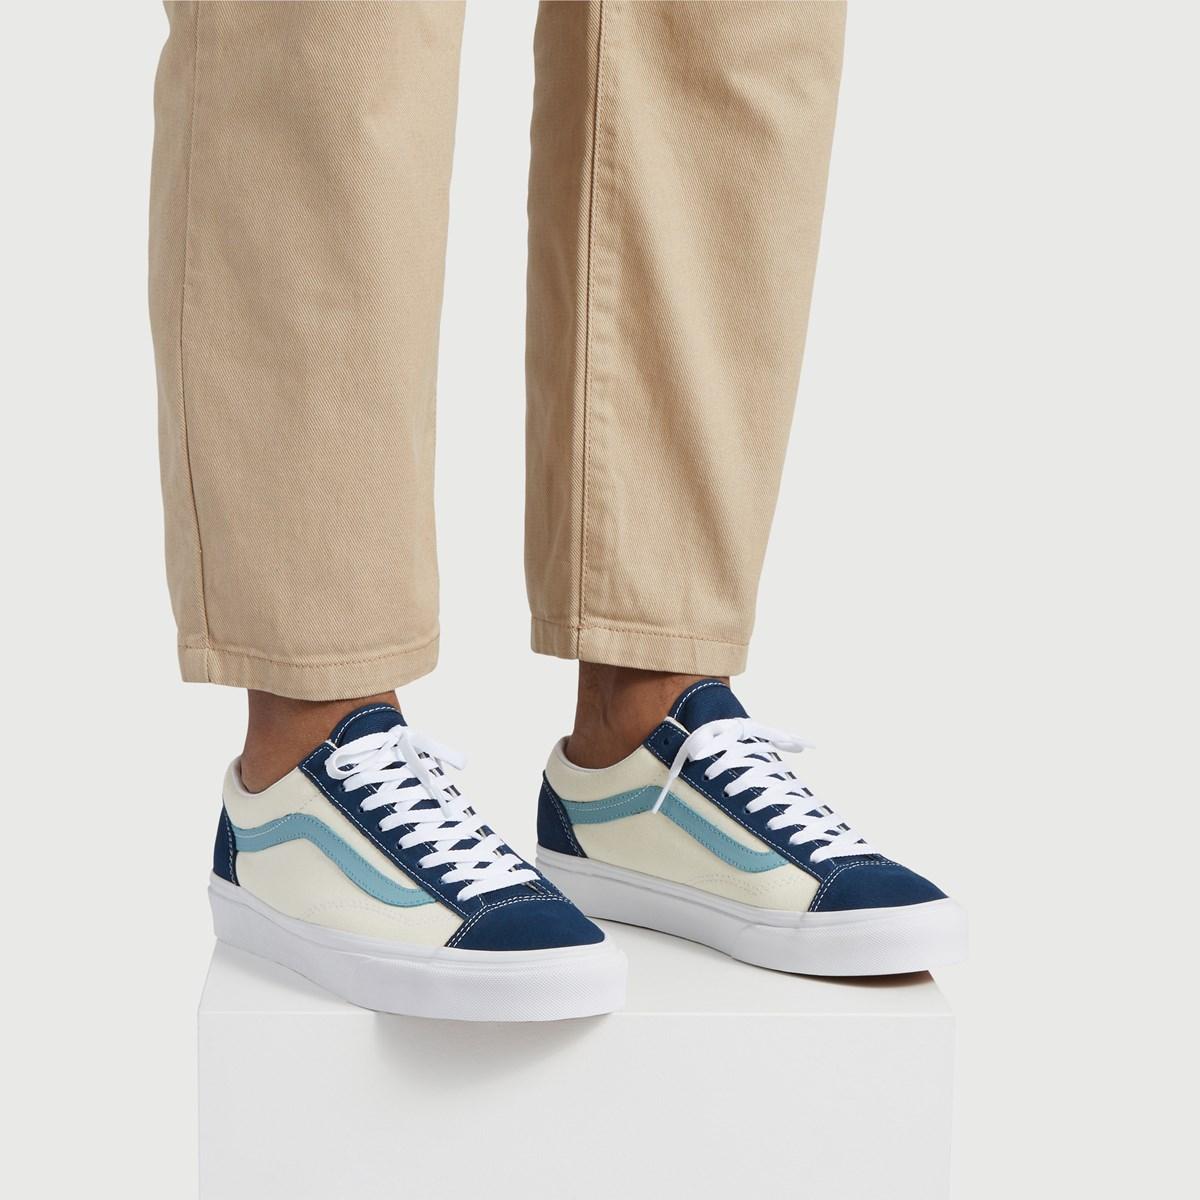 Men's Style 36 Retro Sport Sneakers in Blue